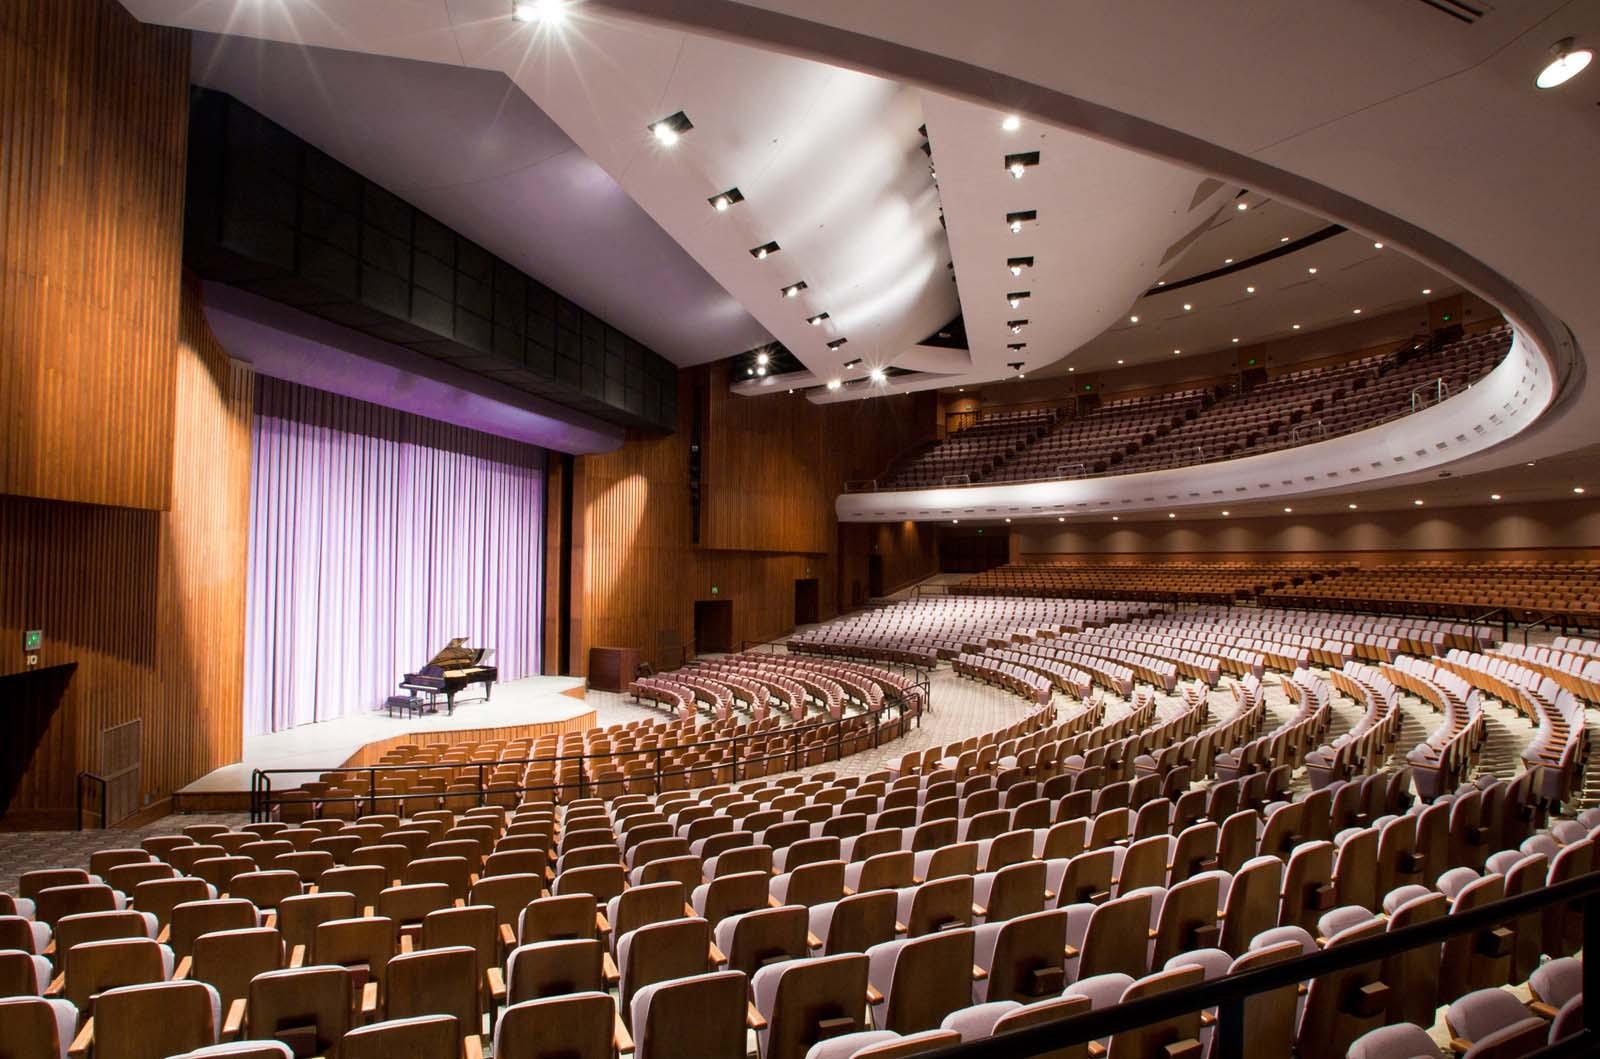 Dale Horton Auditorium